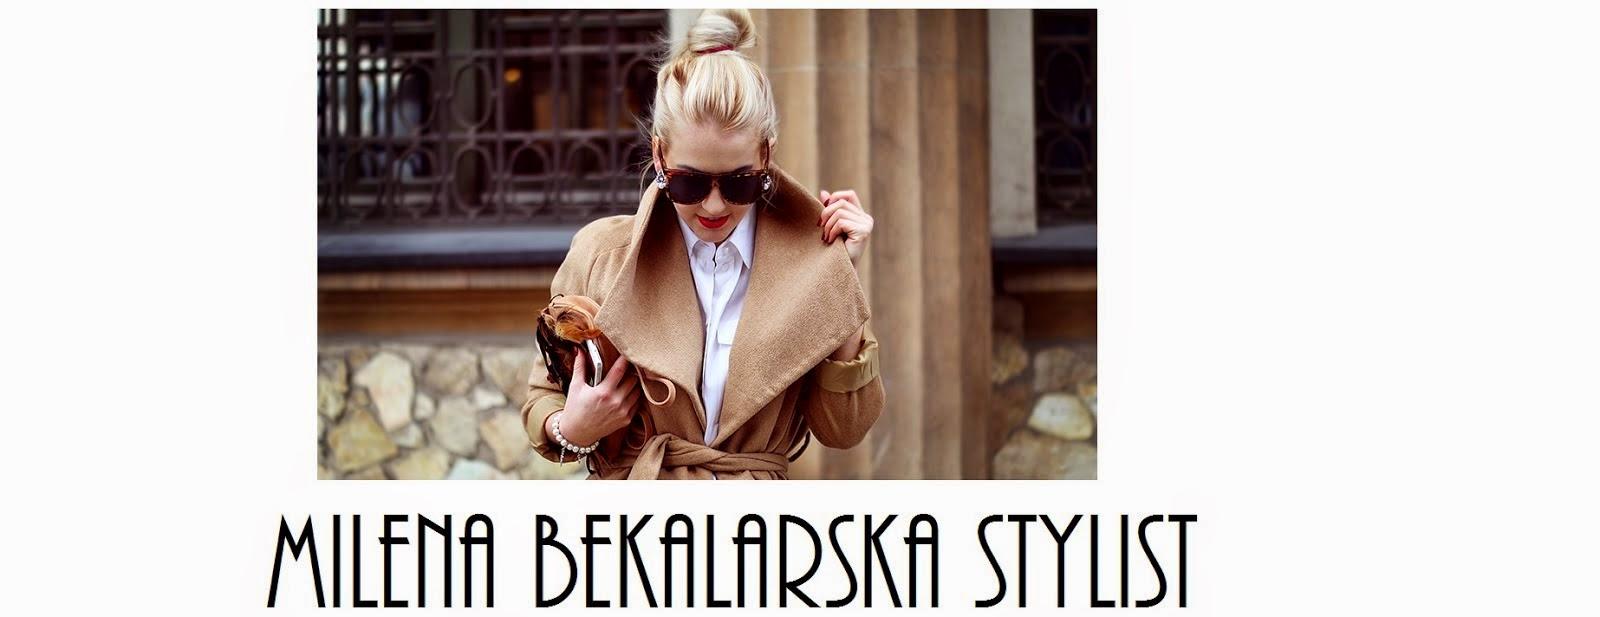 Milena Bekalarska